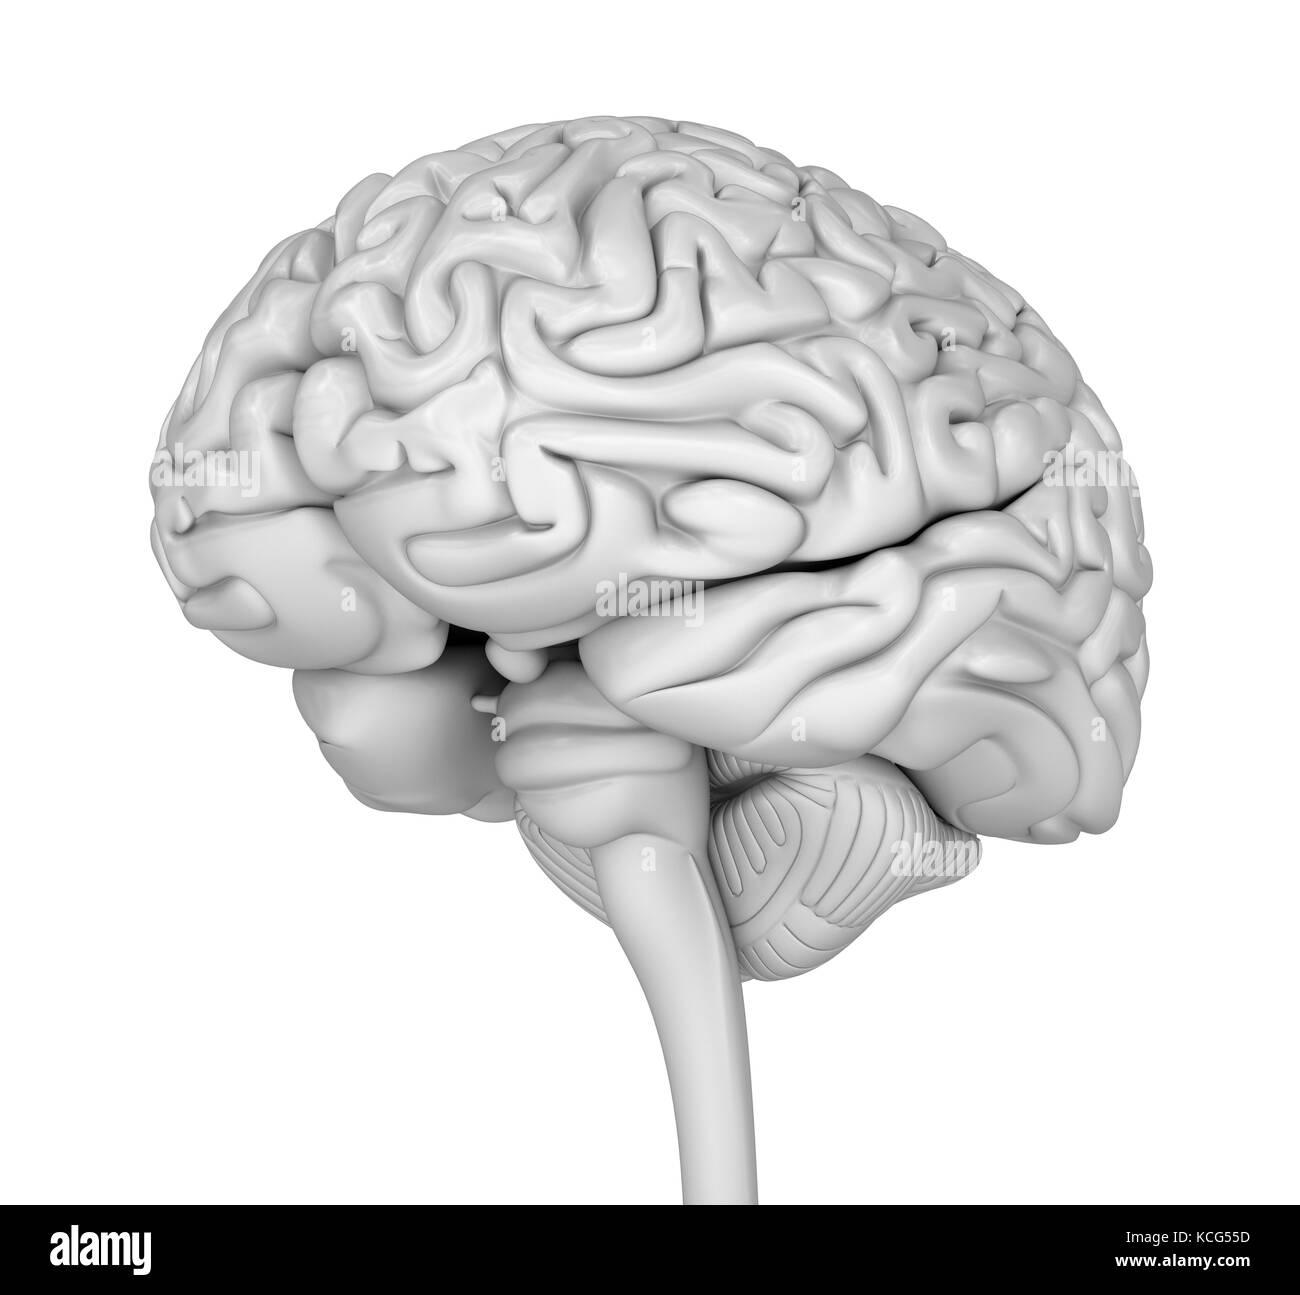 Ziemlich Gehirn Anatomie 3d Modell Bilder - Menschliche Anatomie ...